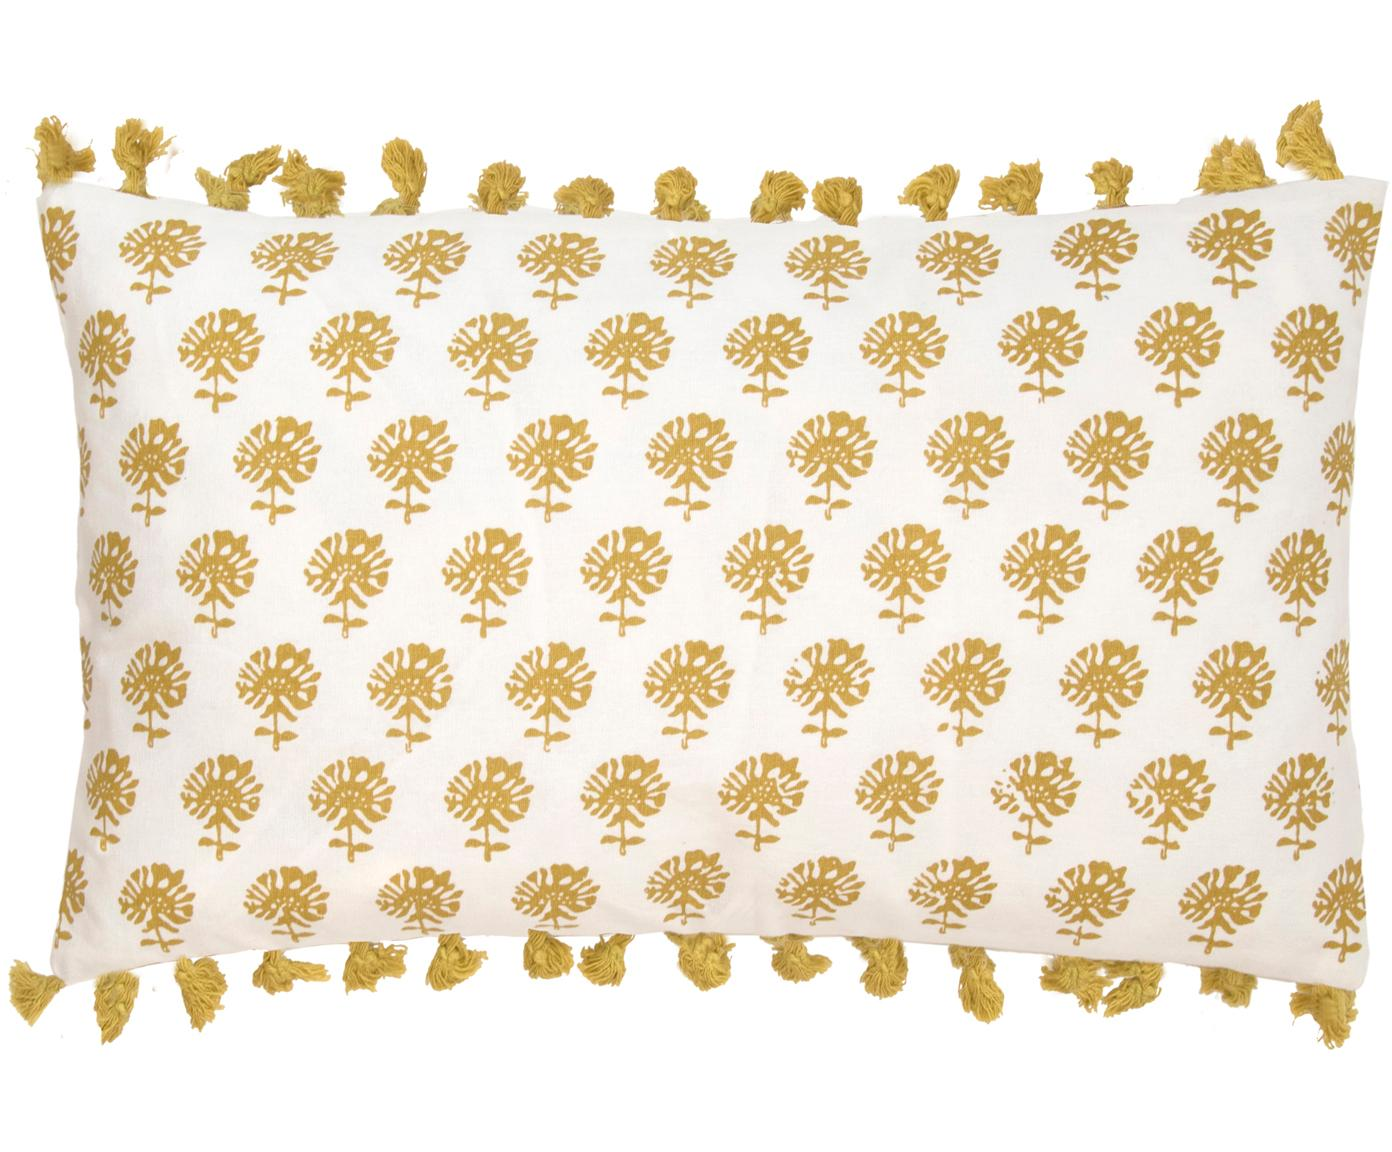 Poszewka na poduszkę z chwostami Poesy, 100% bawełna, Biały, żółty, S 30 x D 50 cm